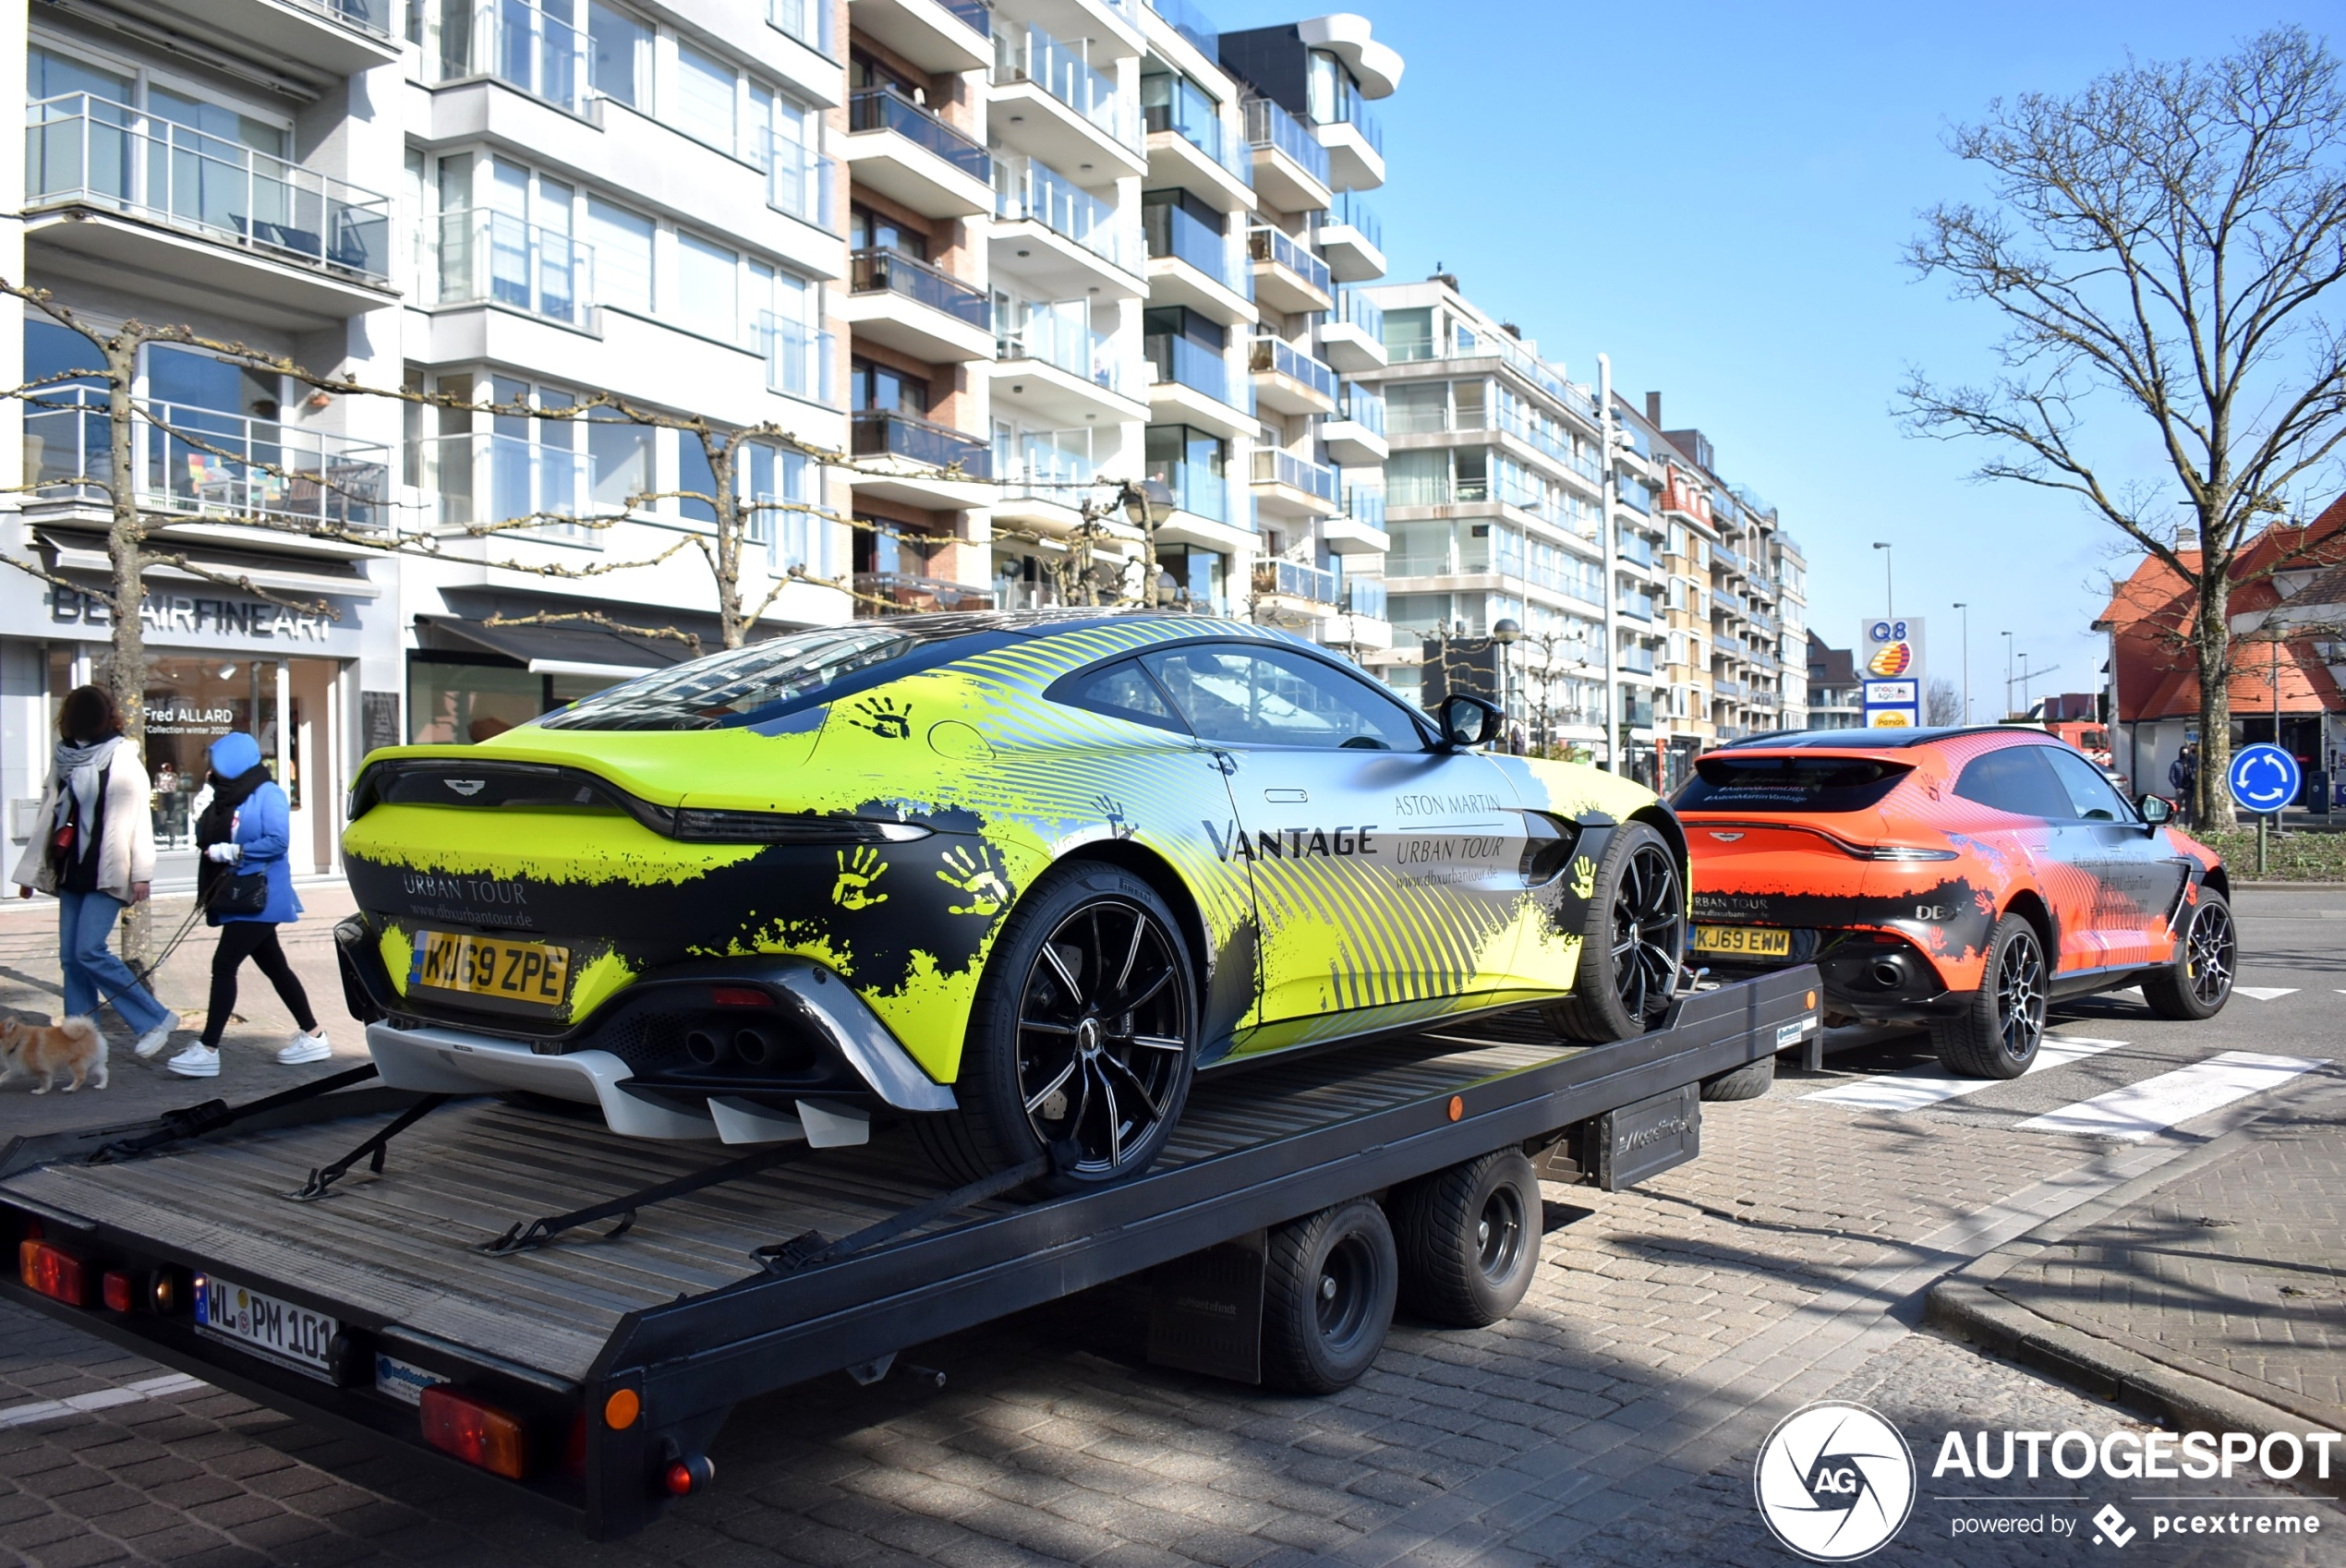 Aston Martin DBX laat Knokke-Heist zijn mogelijkheden zien